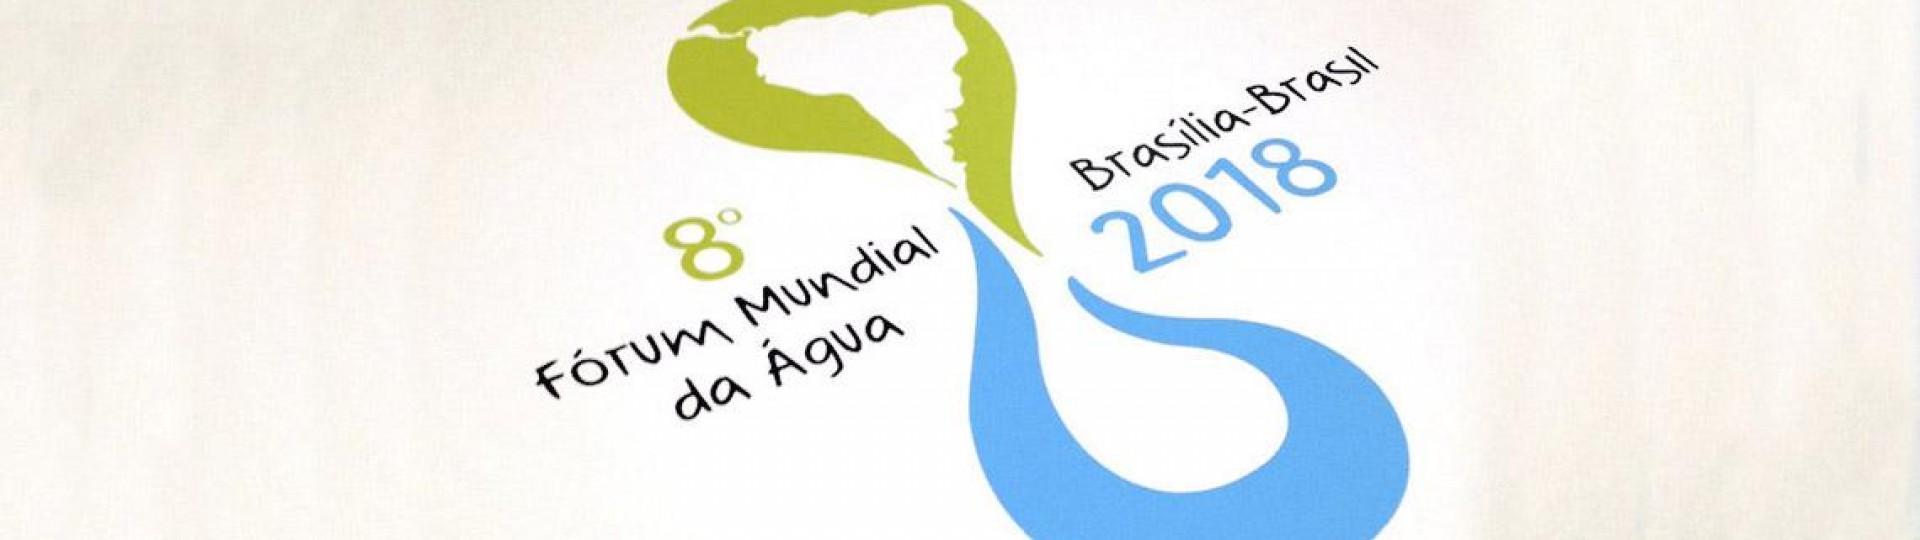 8º Fórum Mundial da Água 18 a 23/03/2018